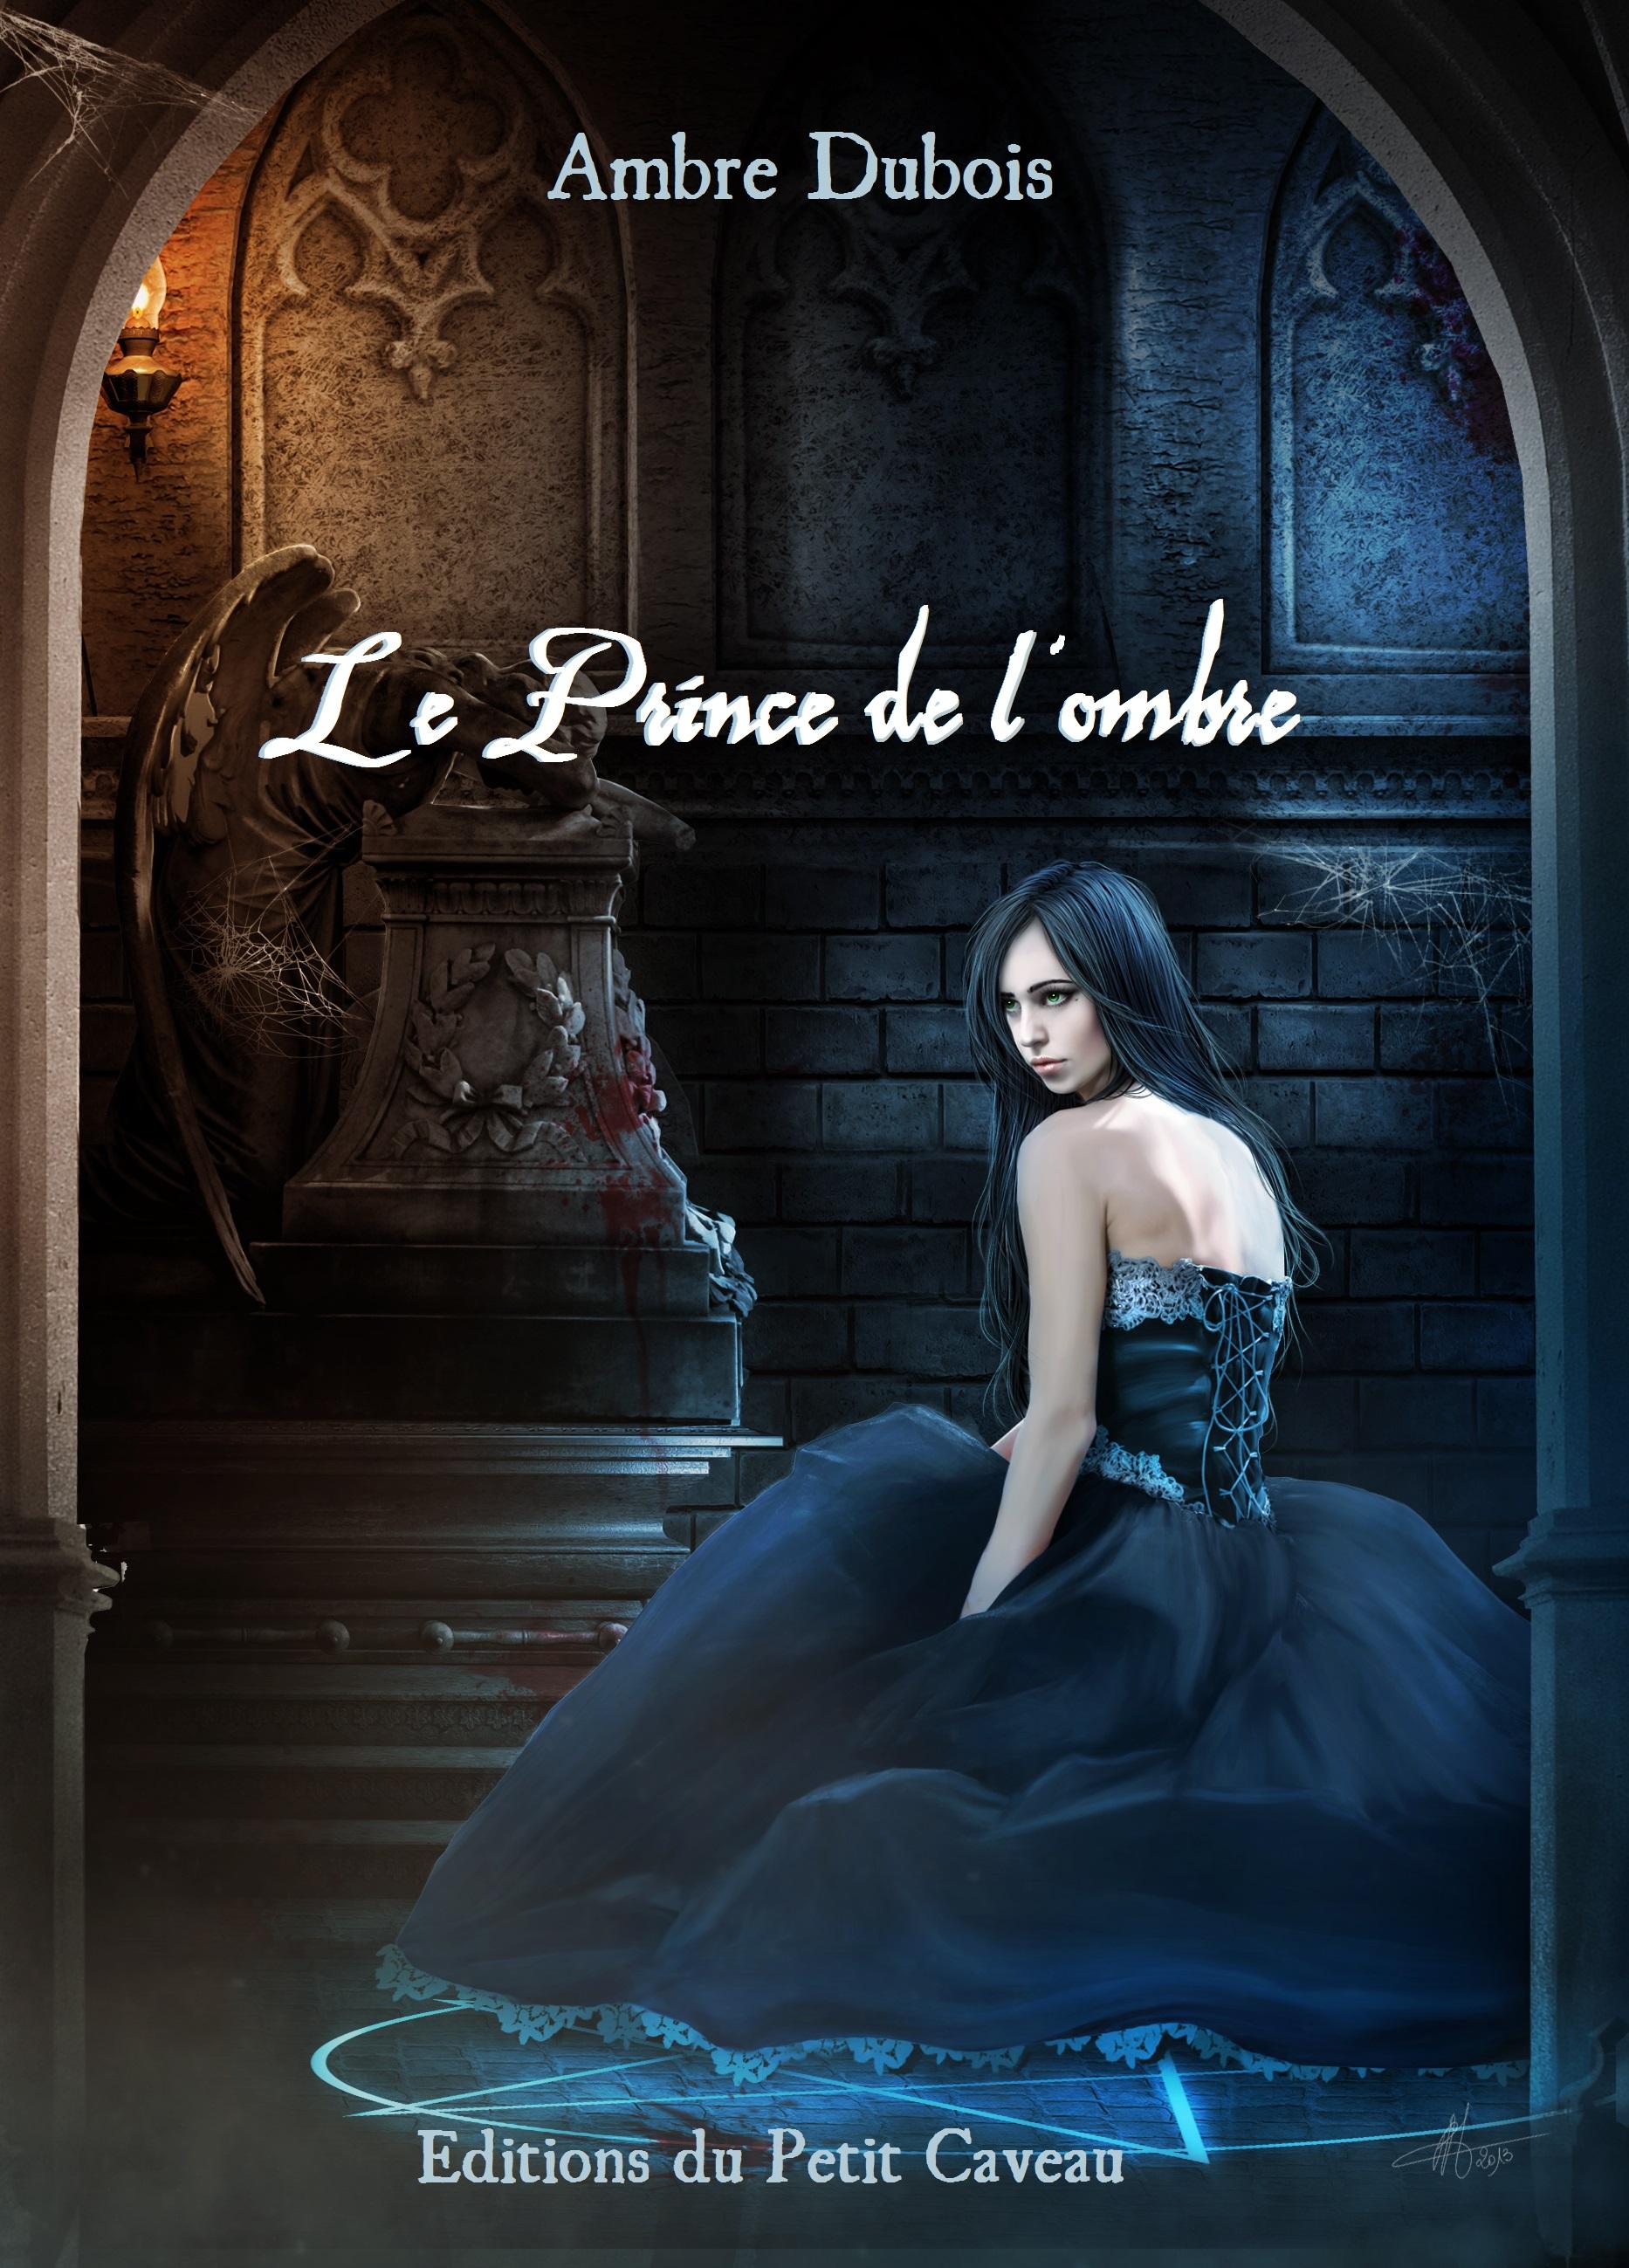 princedelombre